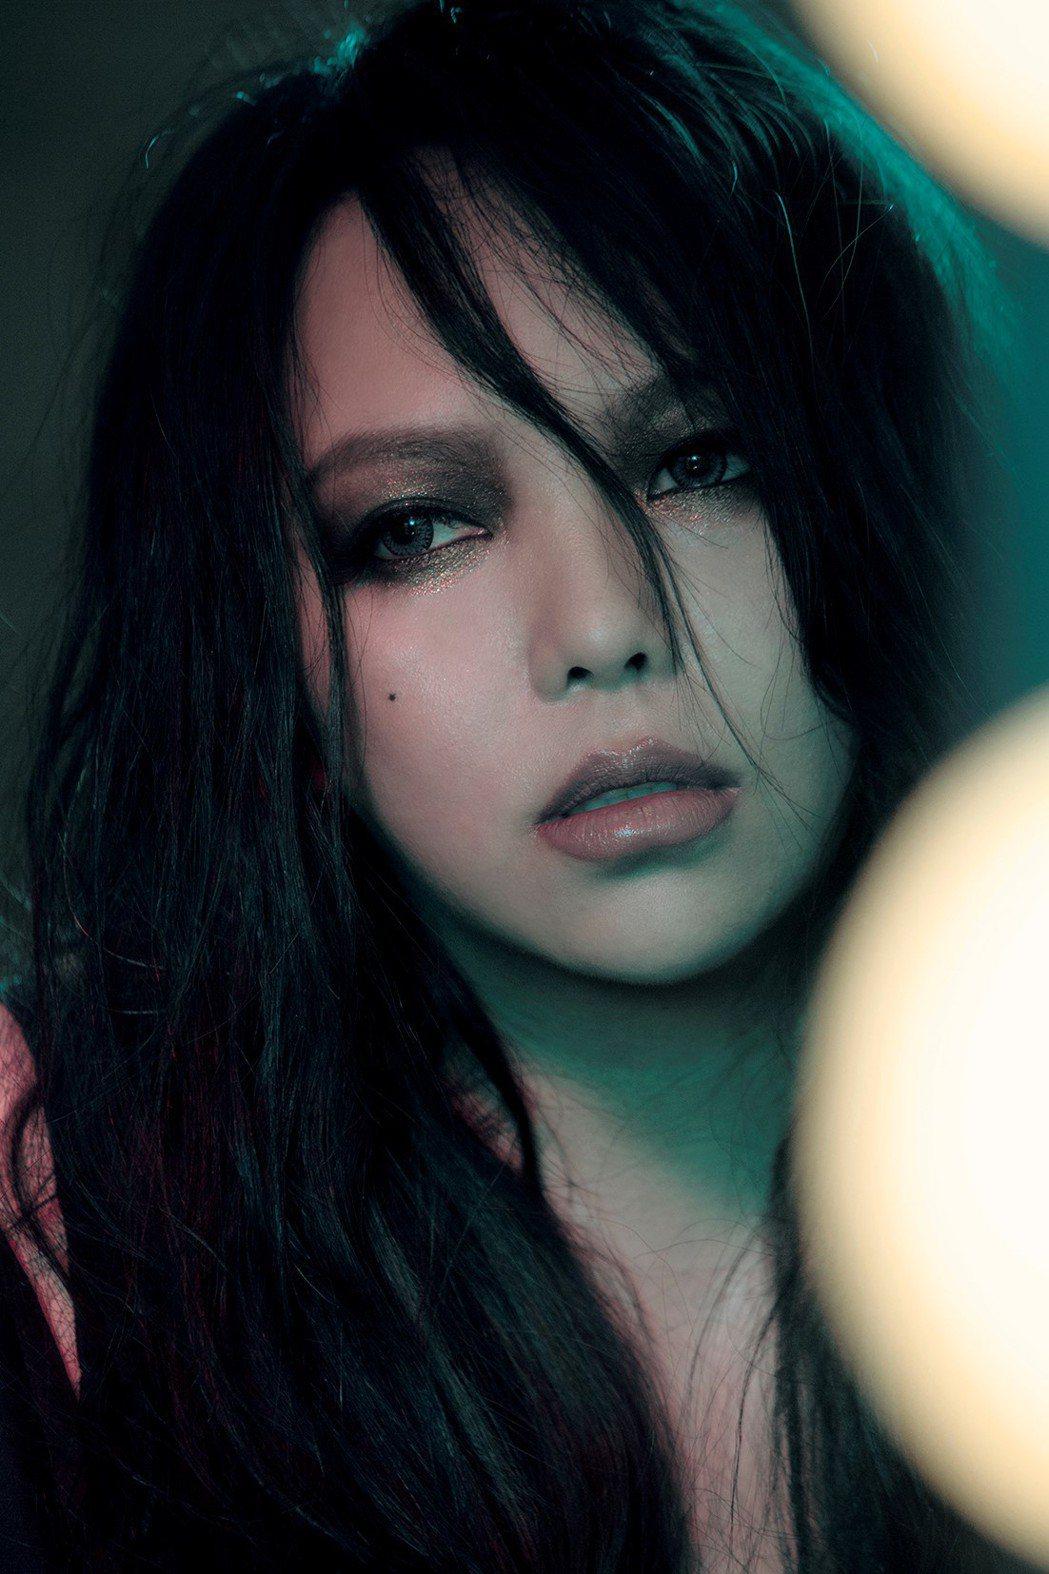 張惠妹新專輯「偷故事的人」評價不俗。圖/EMI提供